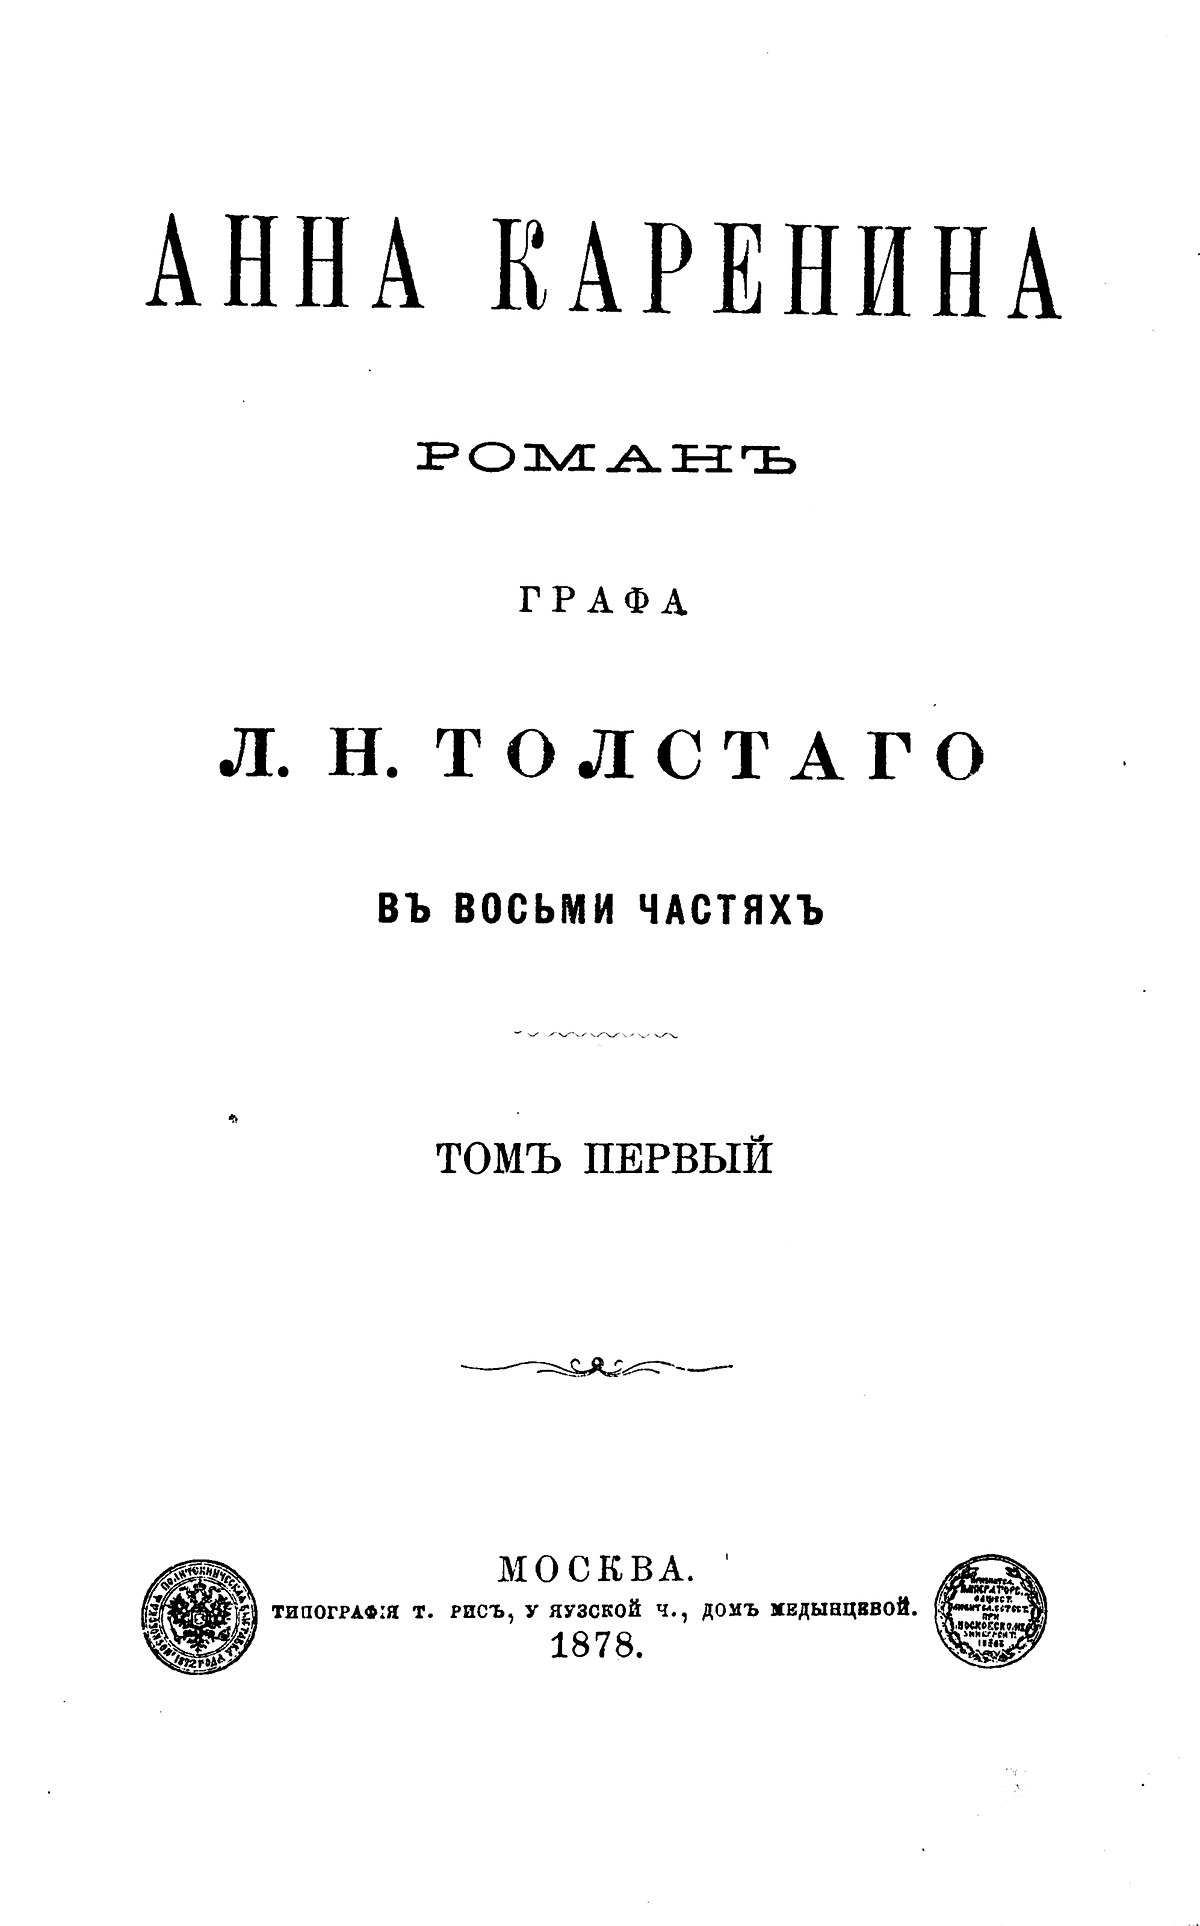 Anna Karenina - Wikipedia